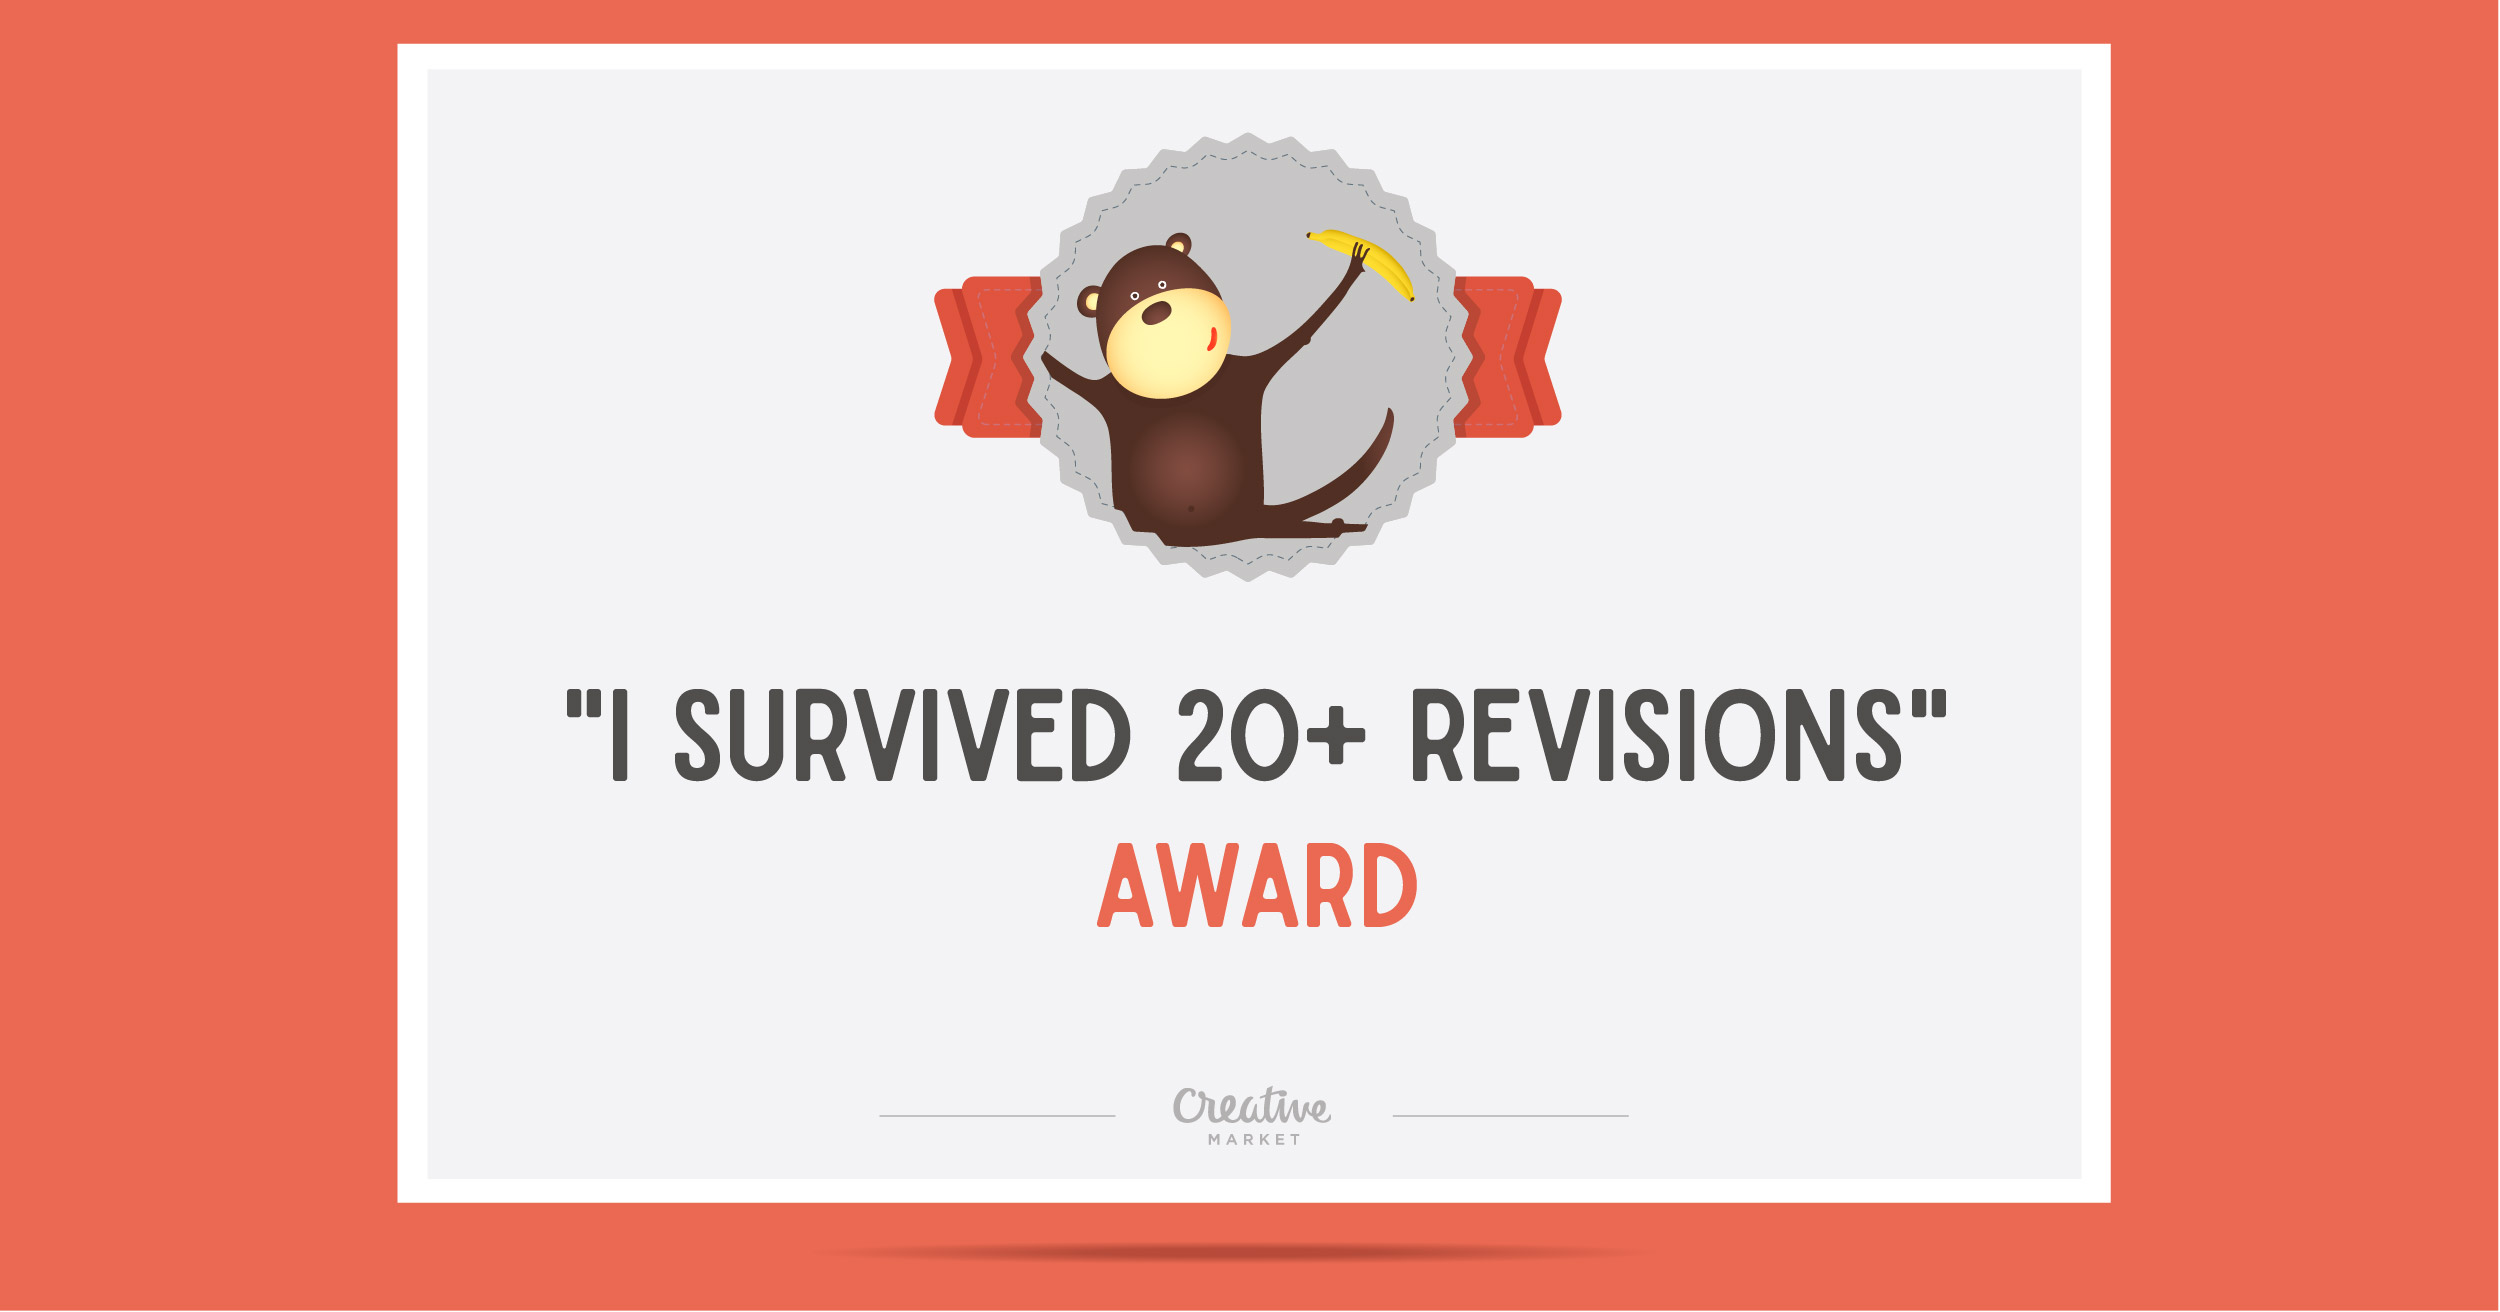 Awards-4